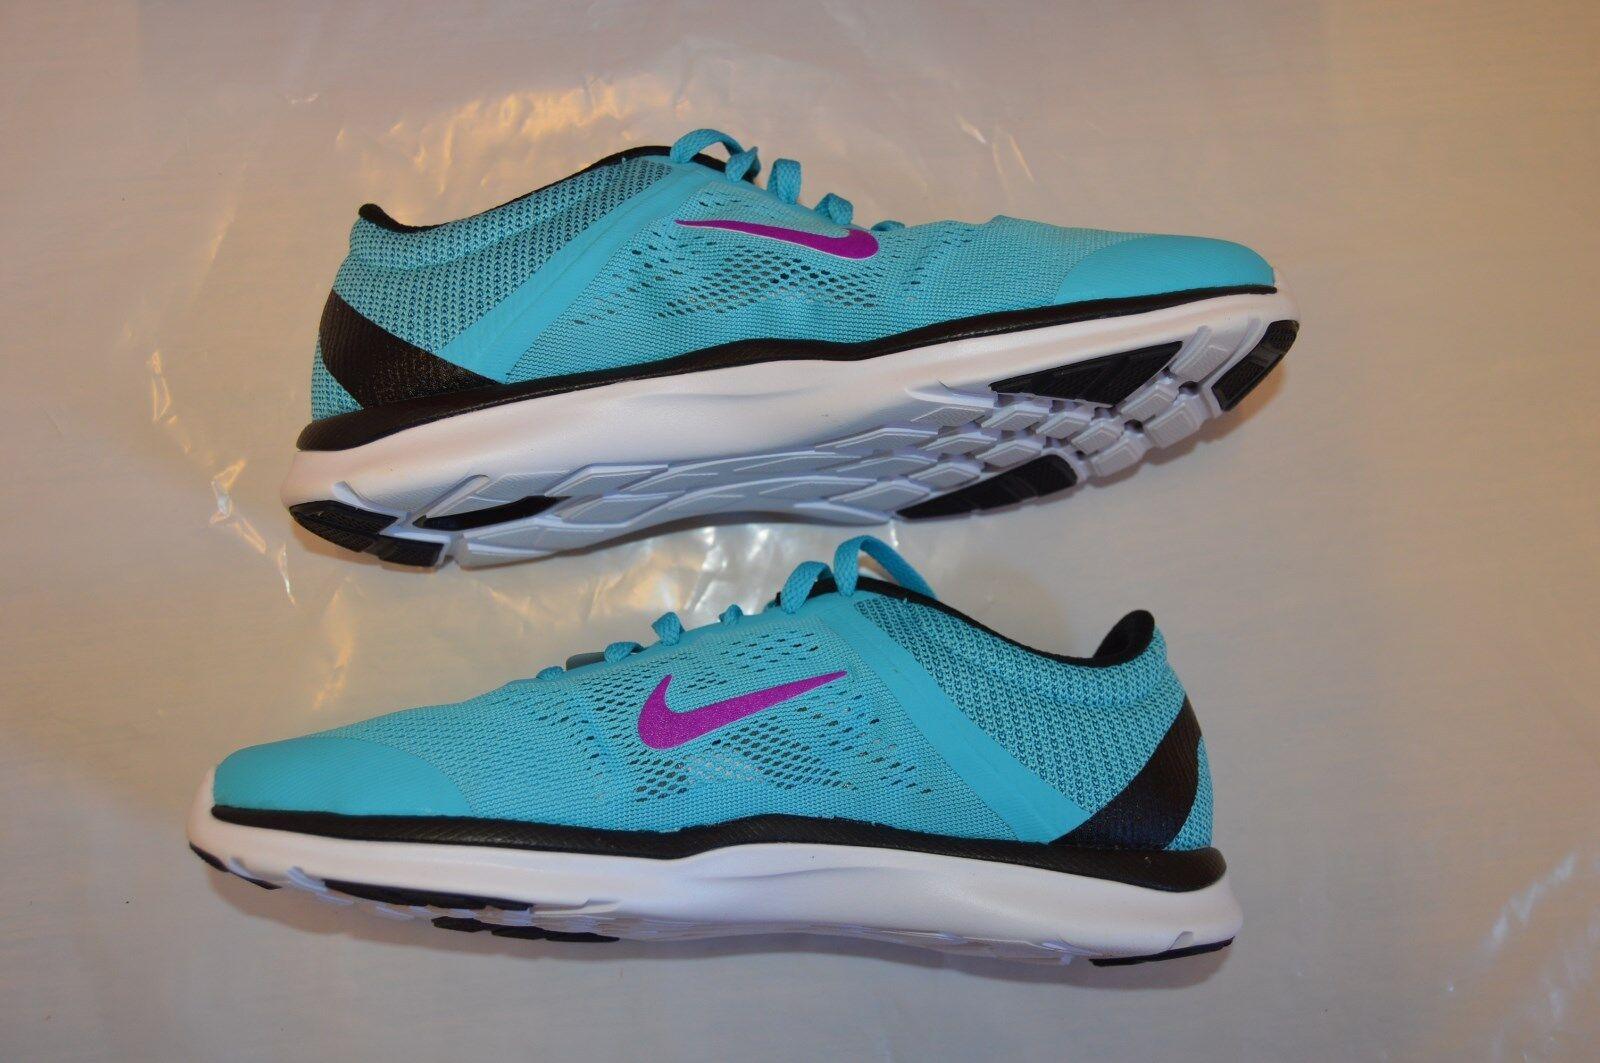 12196f4b53fe9 women's In-Season TR 5 blue/black/white trainers size (eur 38.5 ...